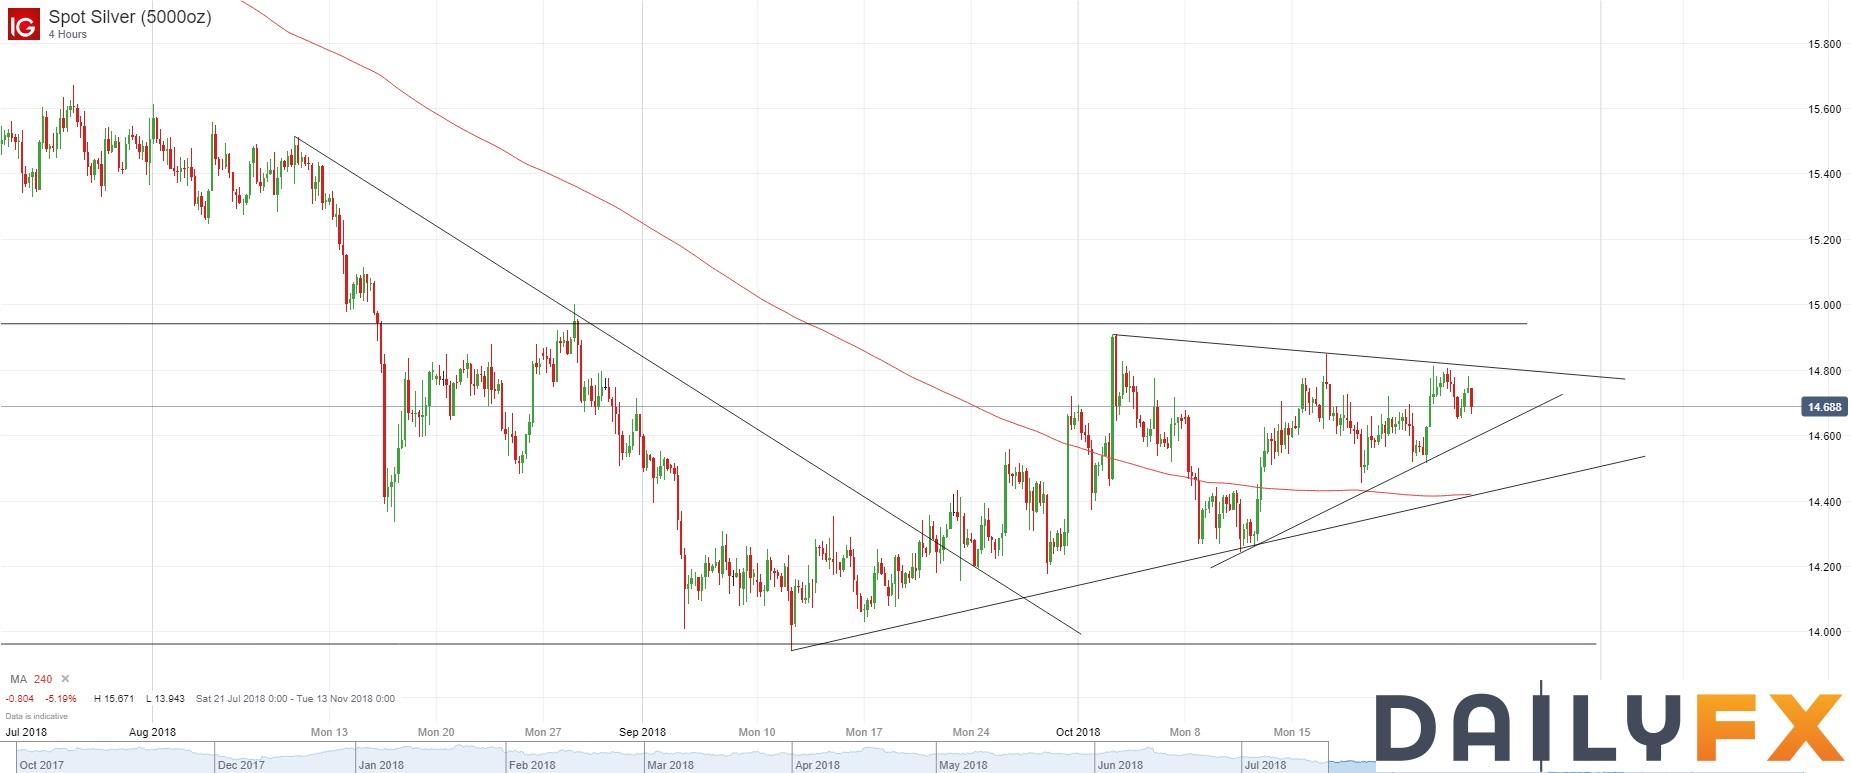 白銀/美元技術分析:4小時圖自10月2日以來呈三角形整理